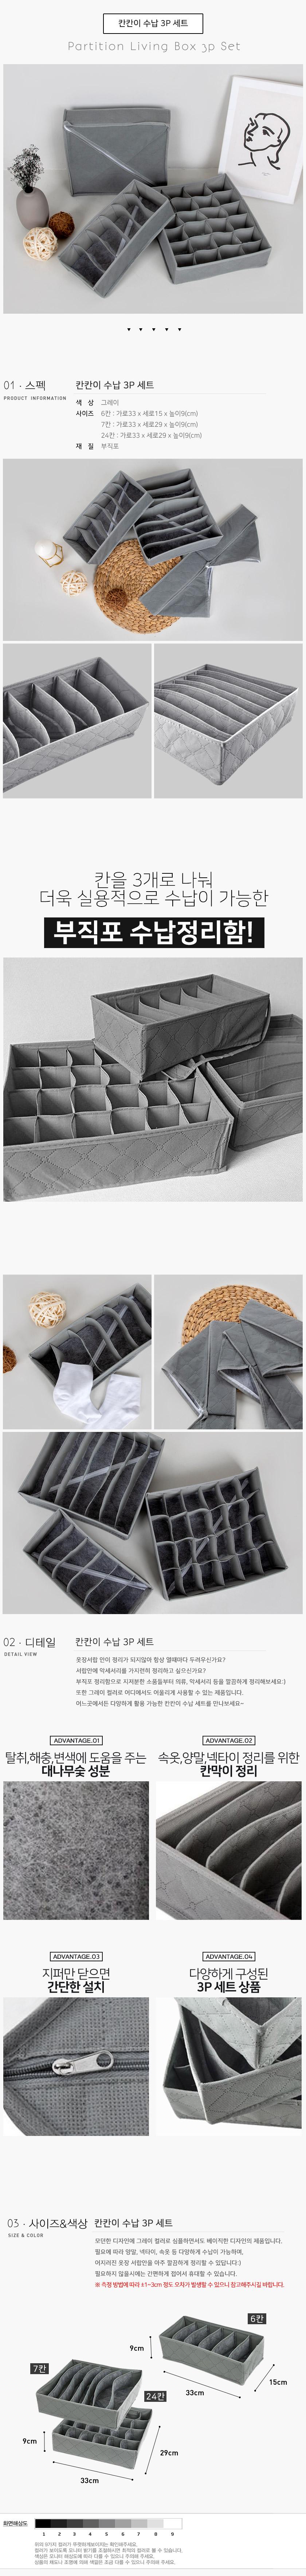 부직포 정리함 bx-7303 칸칸이 3p 세트 - 데코레이디, 5,900원, 정리/리빙박스, 속옷정리함